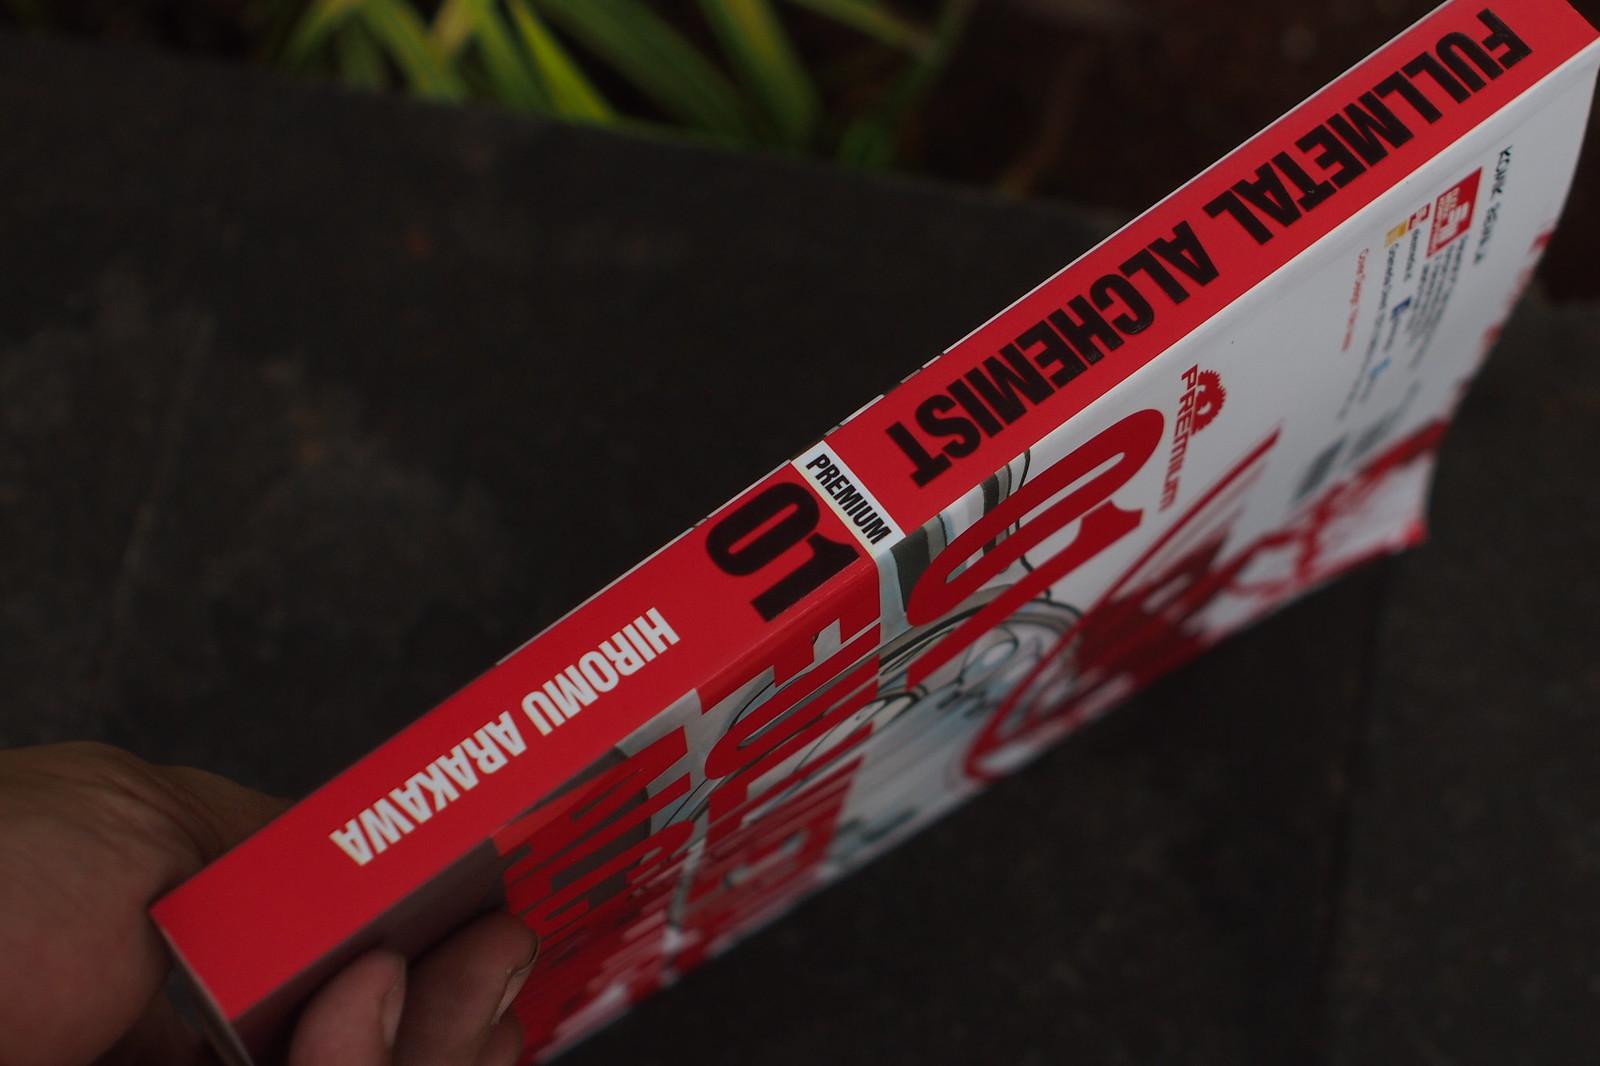 Book spine / punggung buku